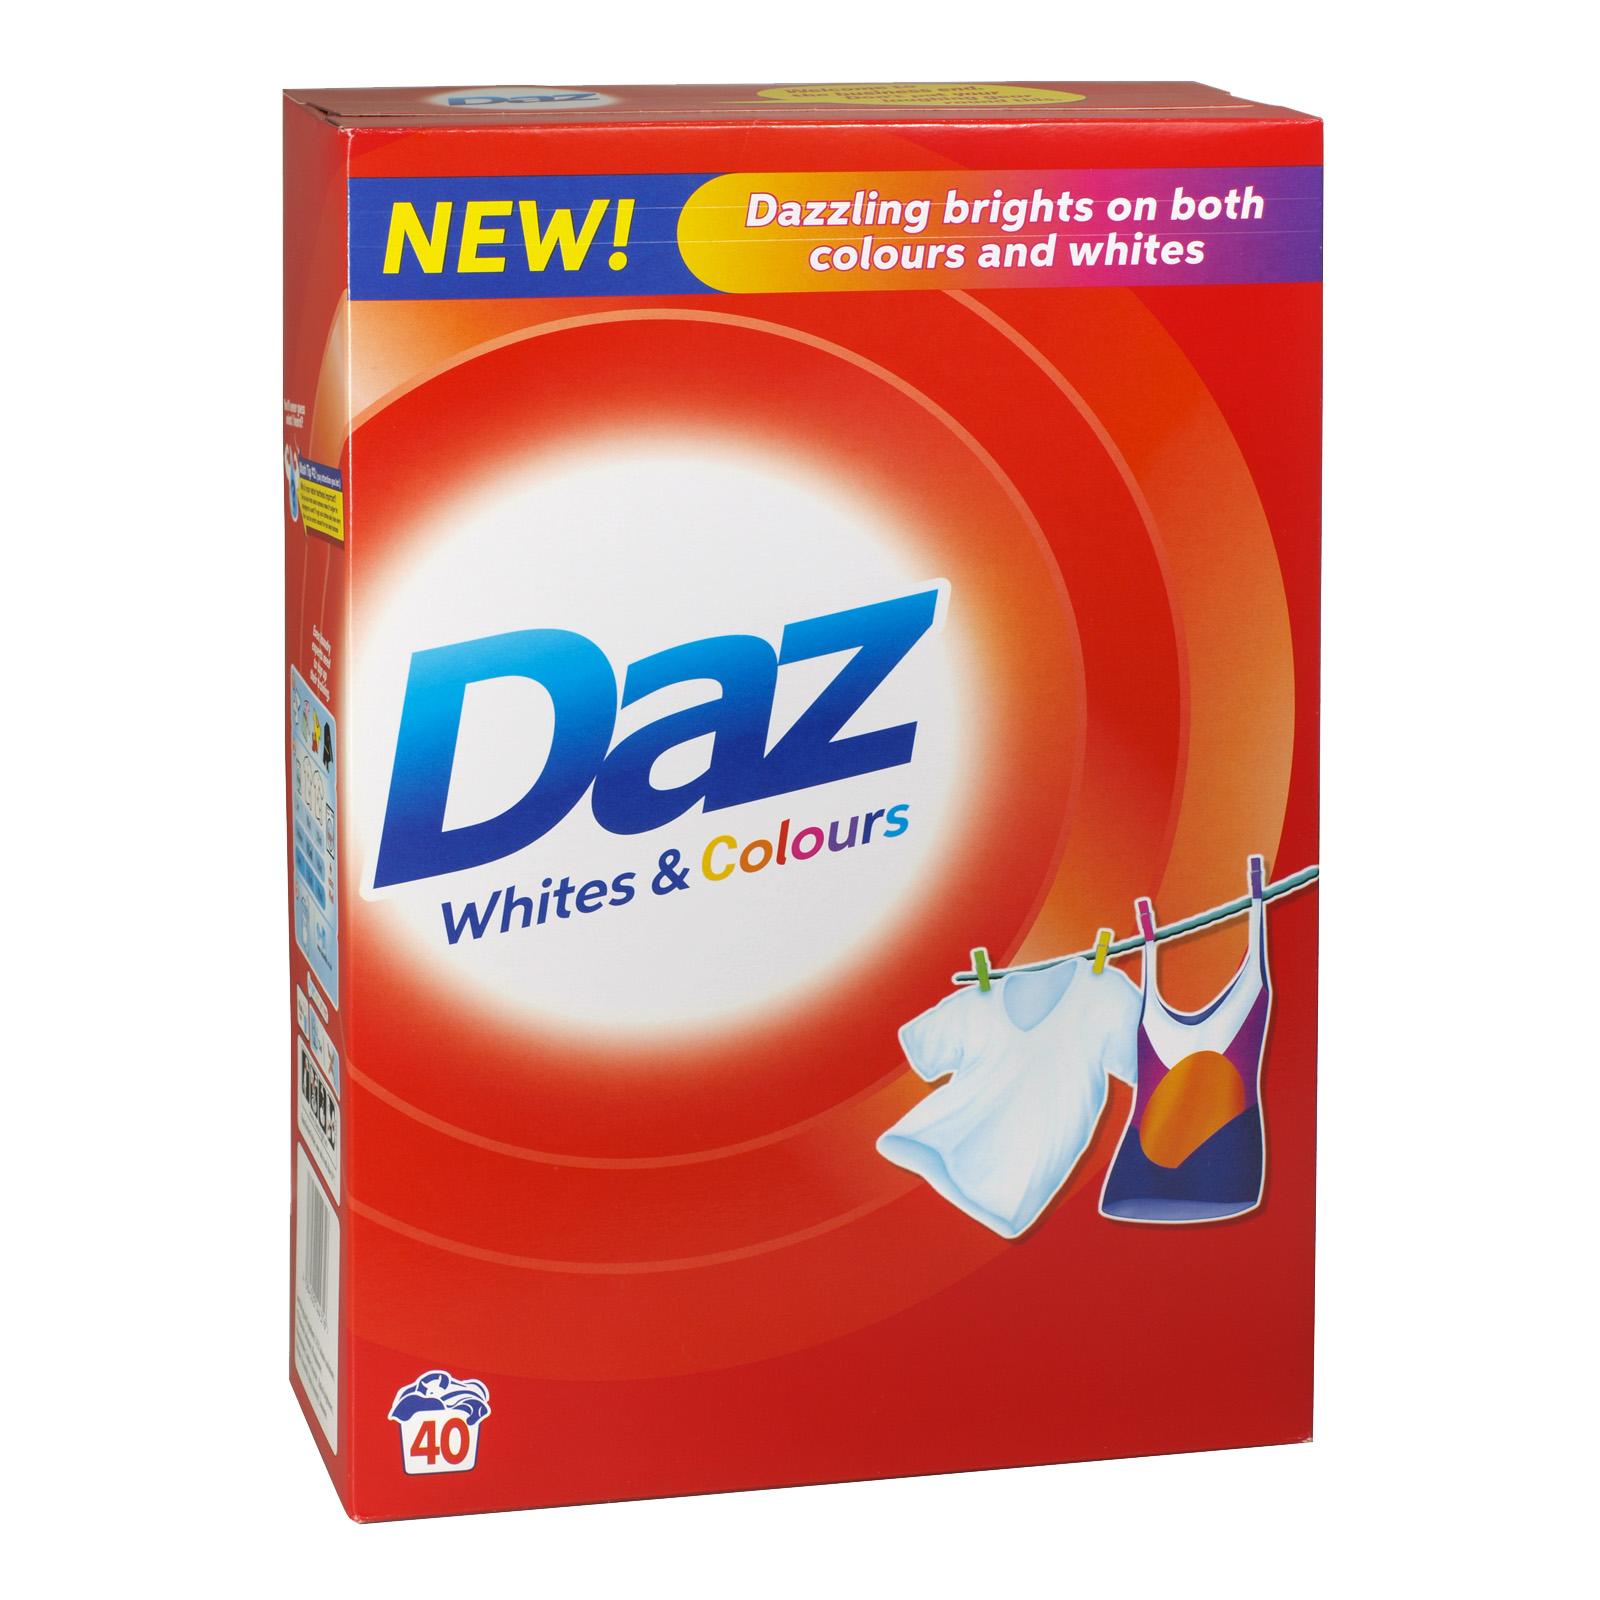 DAZ POWDER 40 WASH 2.6KG ORIGINAL X4